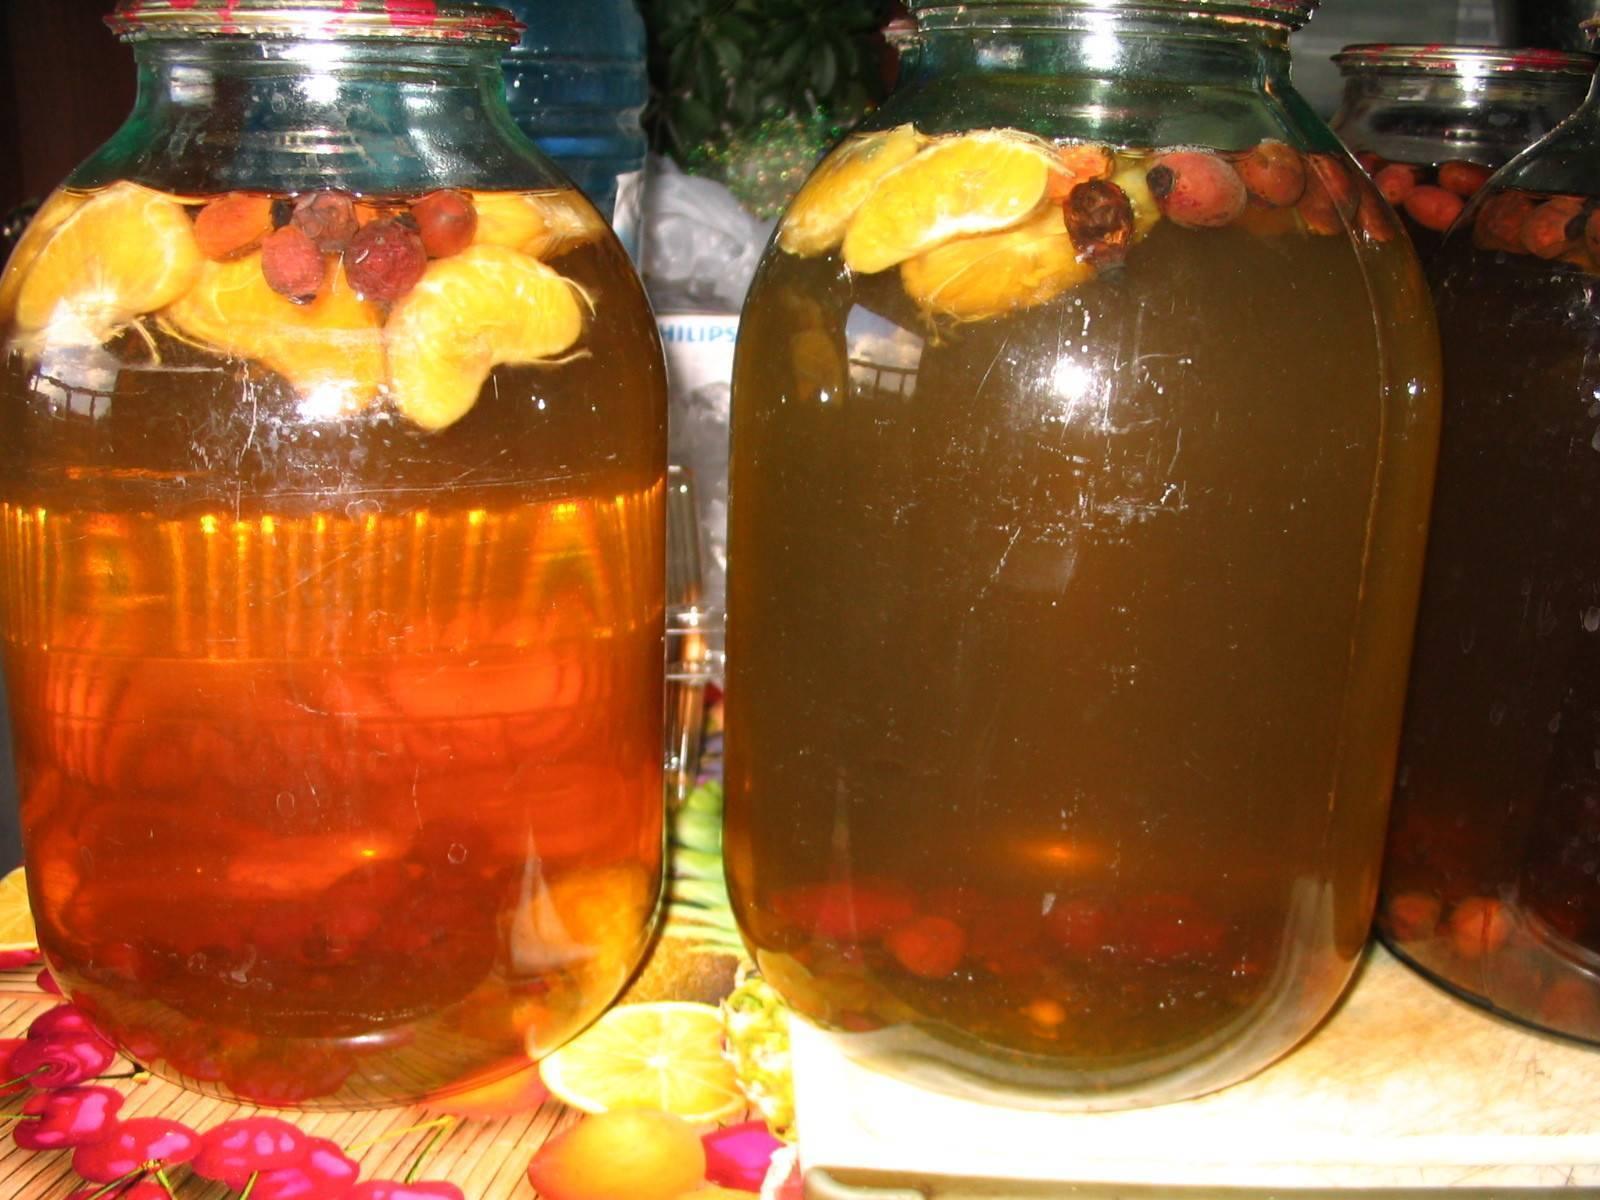 Квас из березового сока с изюмом - рецепты с сухофруктами, сахаром, медом иячменем. как приготовить, хранить и чем полезен квас из березового сока с изюмом?